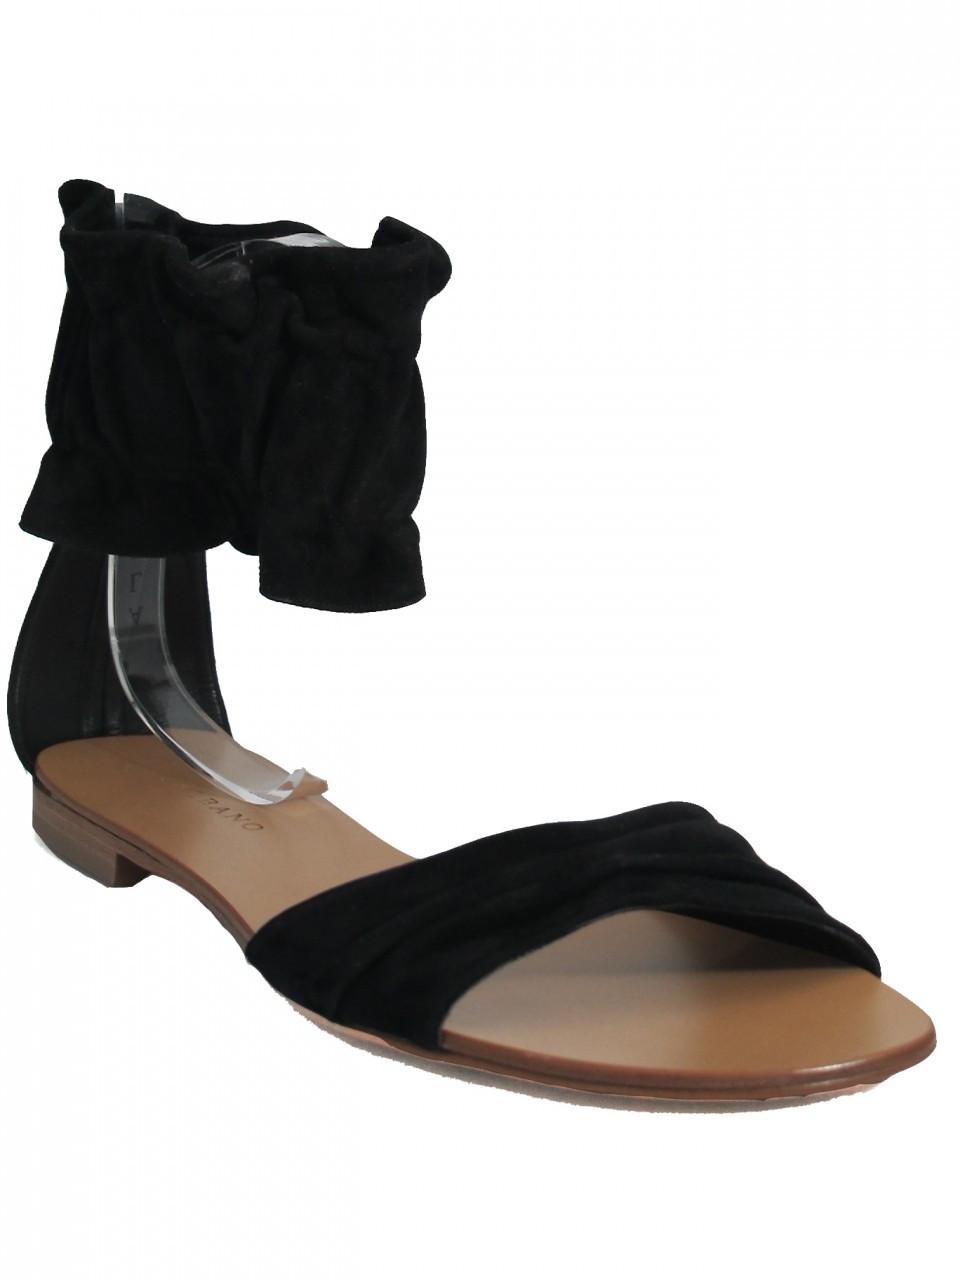 Albano 9919 Women's Italian Suede Sandal Open Toe, Ankle Strap